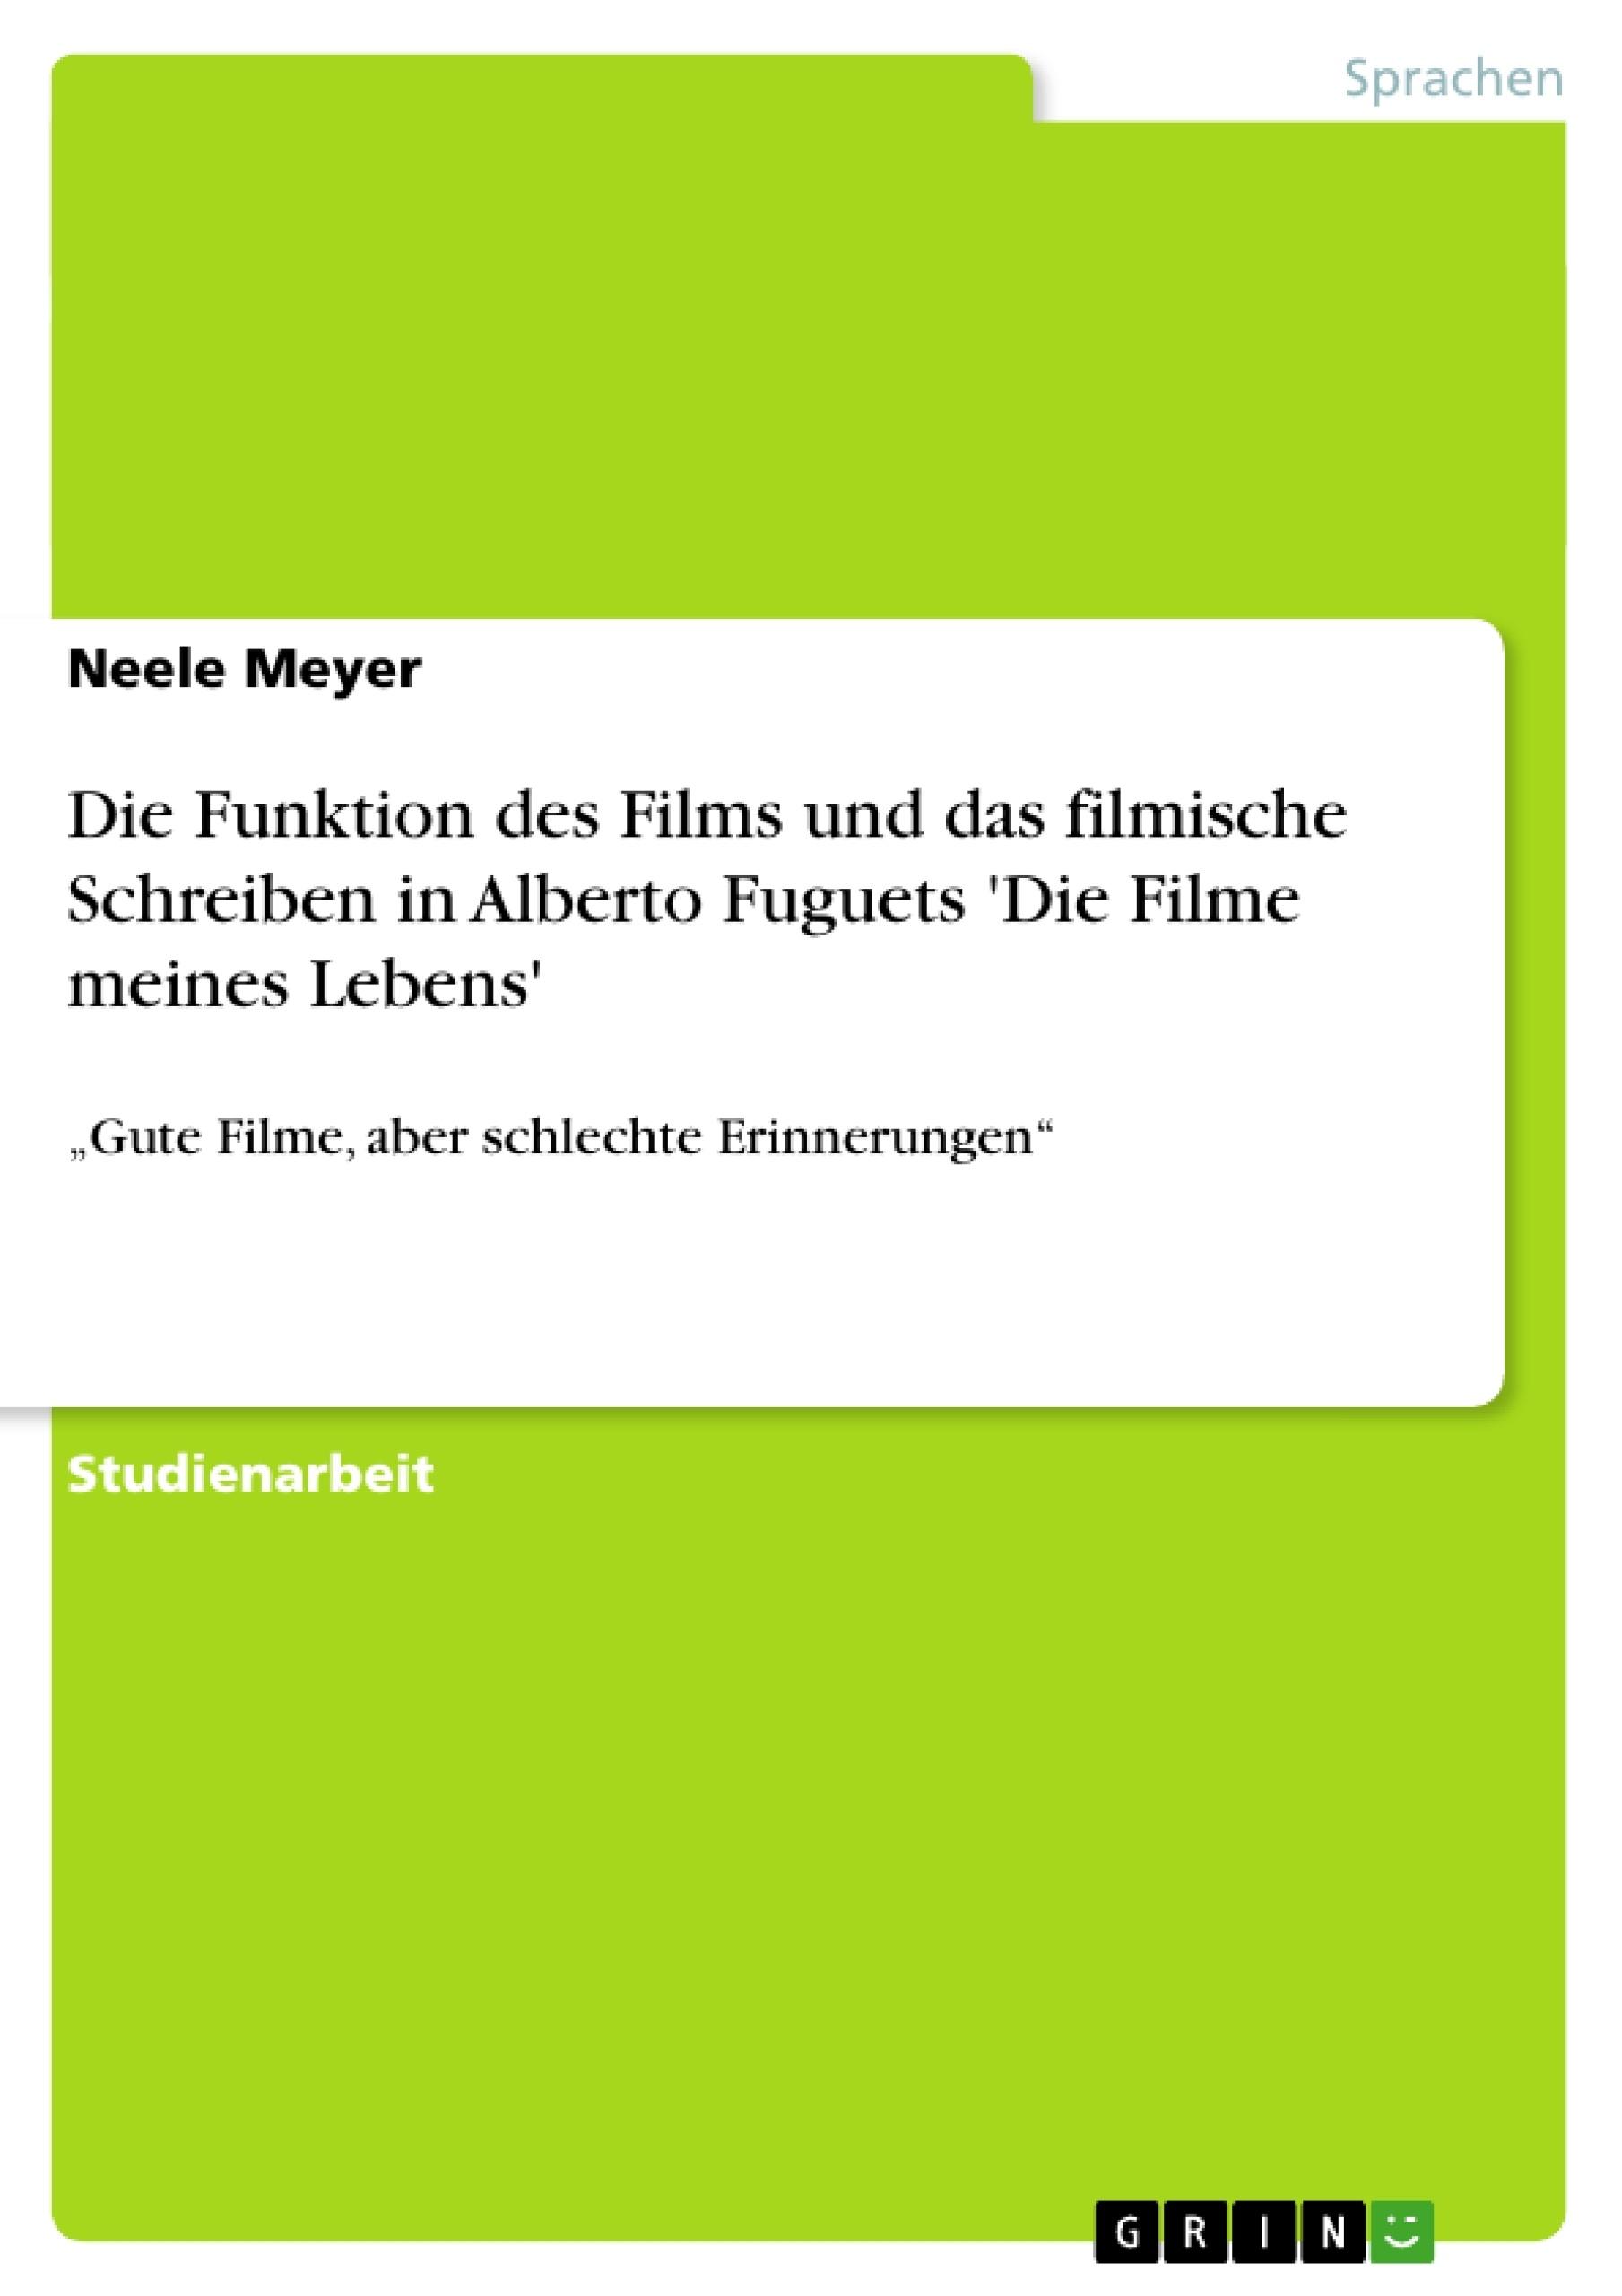 Titel: Die Funktion des Films und das filmische Schreiben in Alberto Fuguets 'Die Filme meines Lebens'